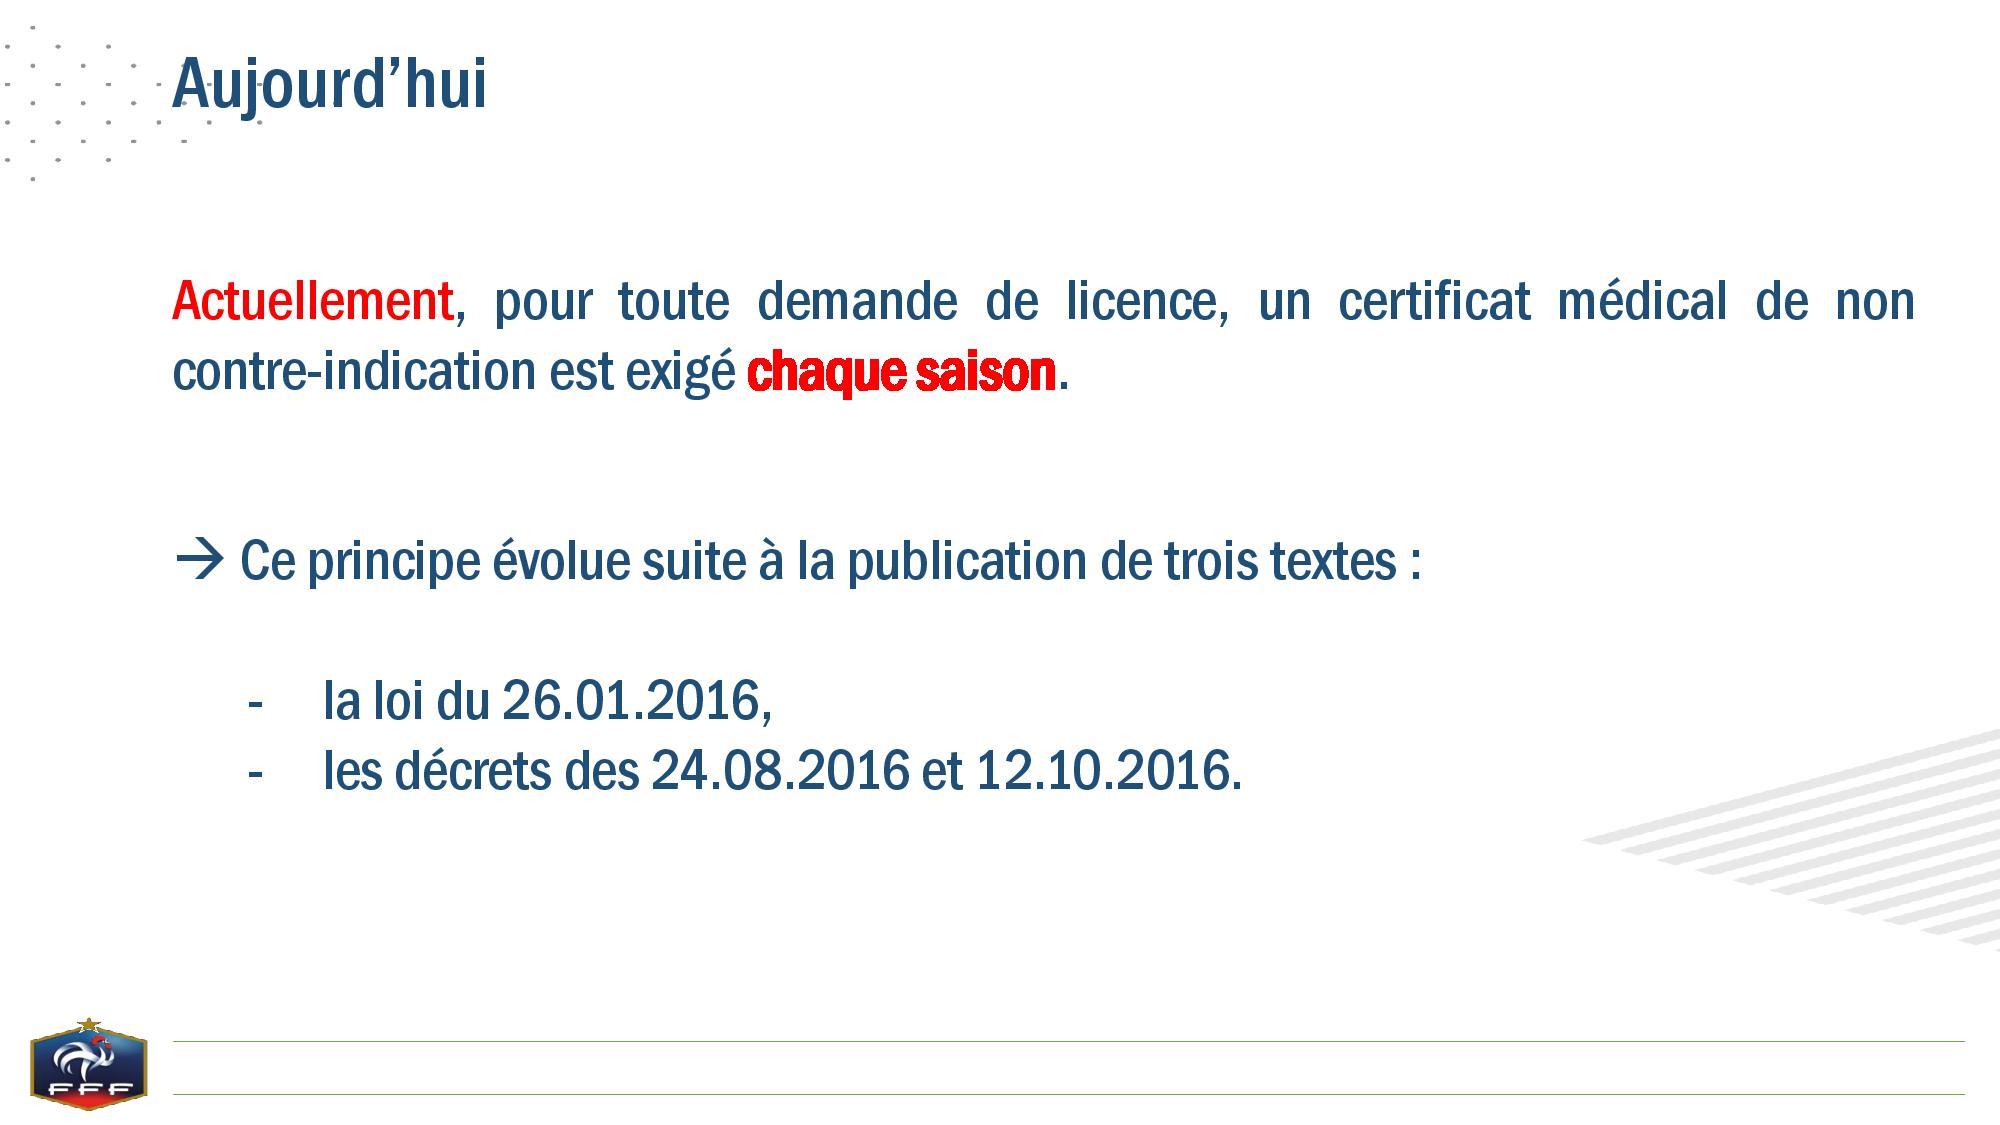 170427161101_certificat_medical_v1.1-page-002.jpg